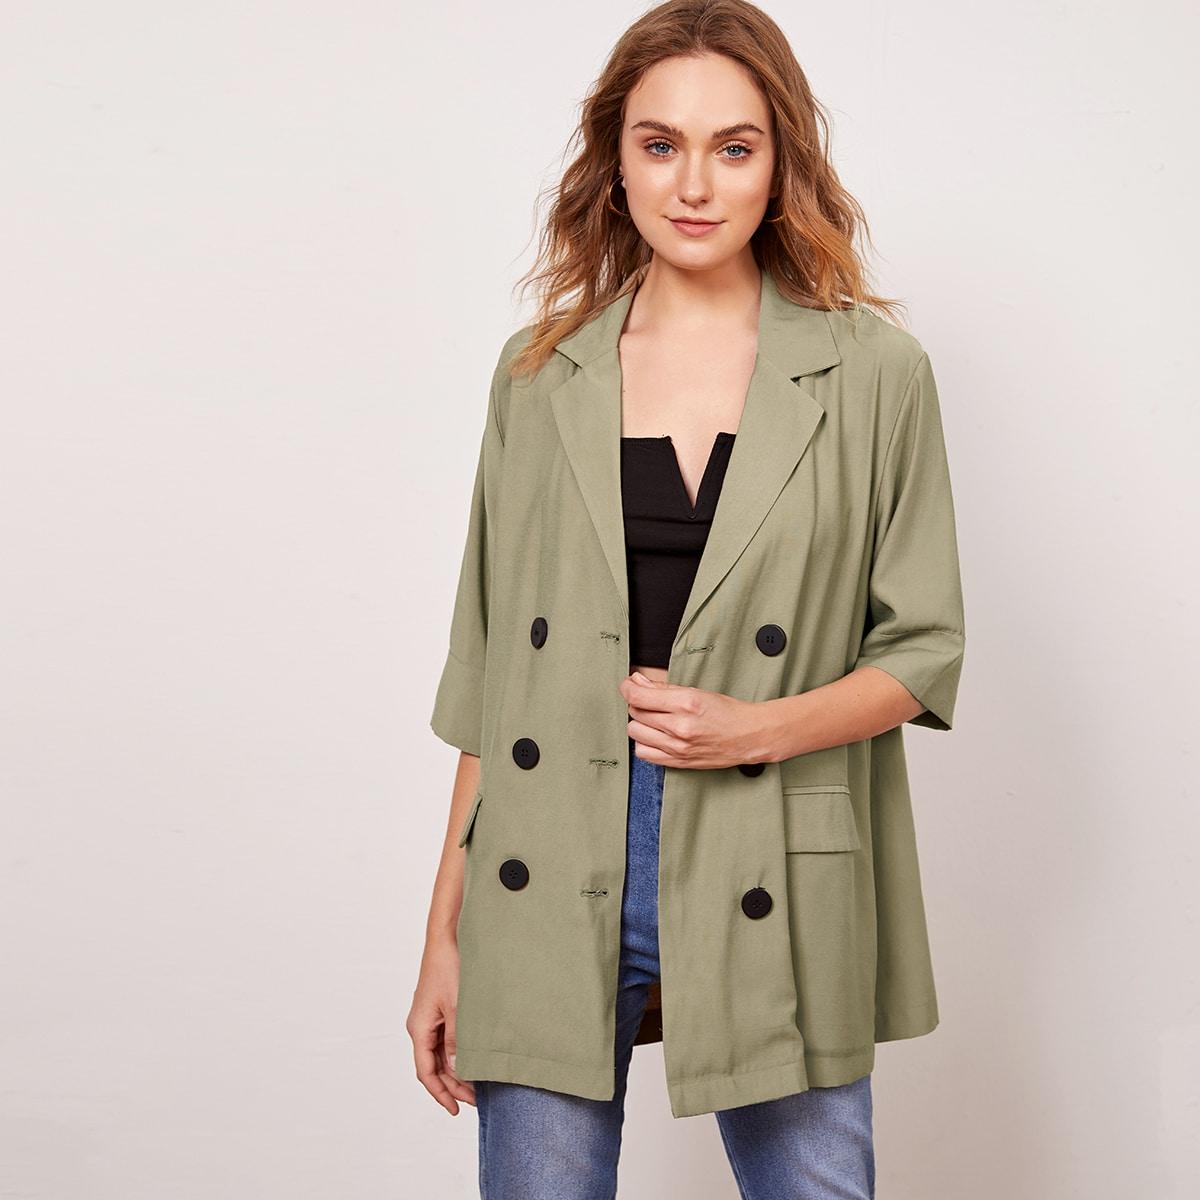 Армейский зеленый Двойная кнопка Ровный цвет Повседневный Пиджаки от SHEIN